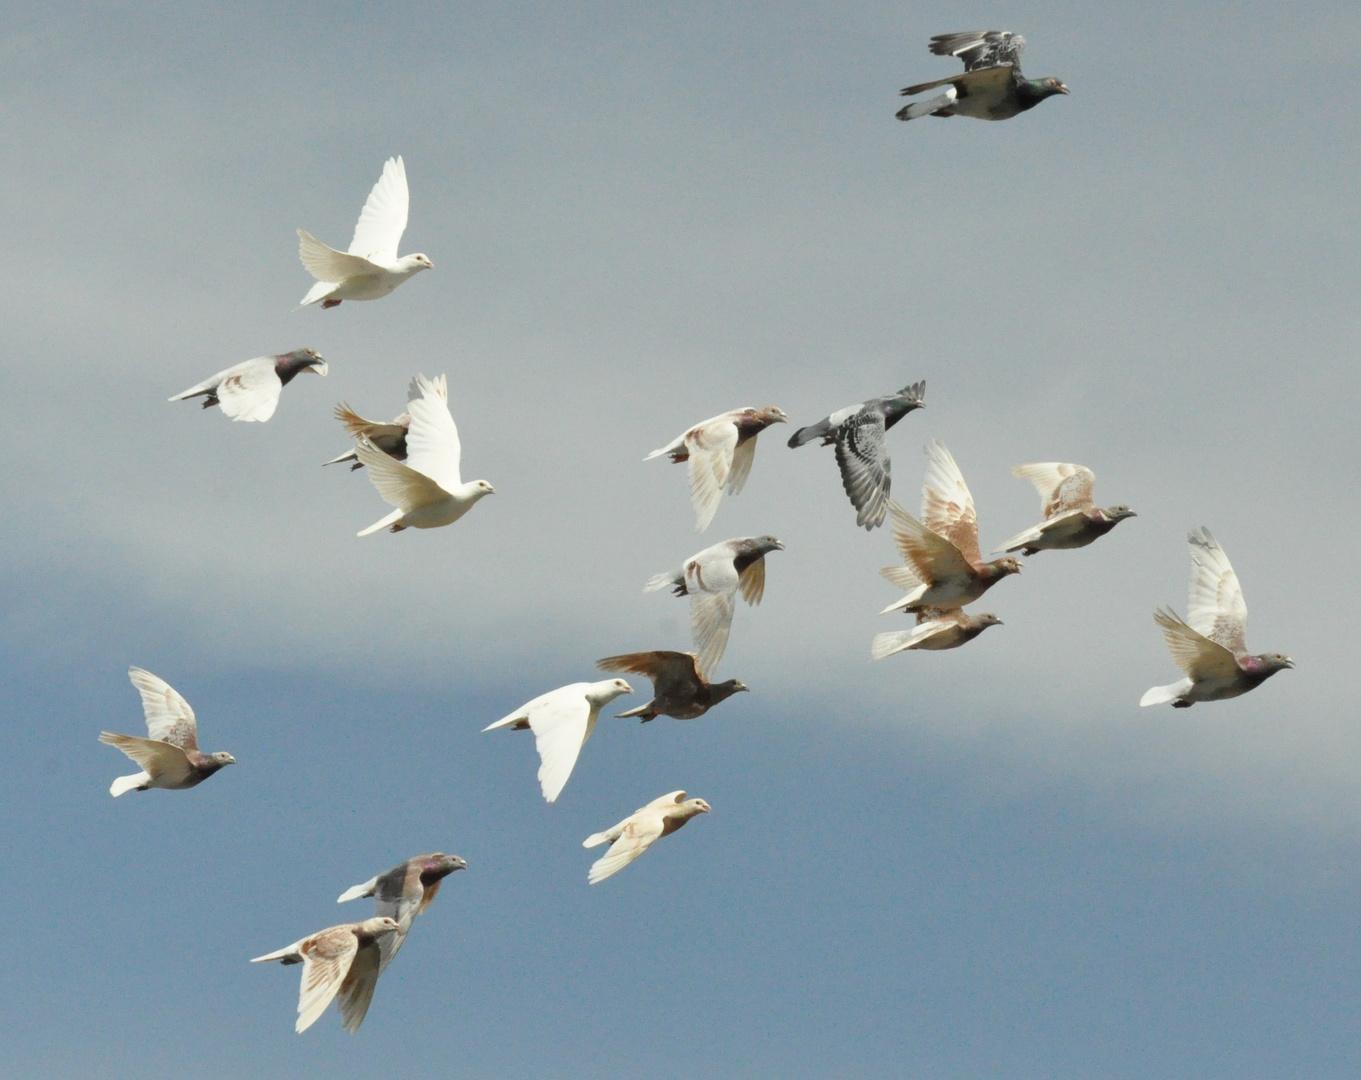 Tauben 02: Tauben schiessen